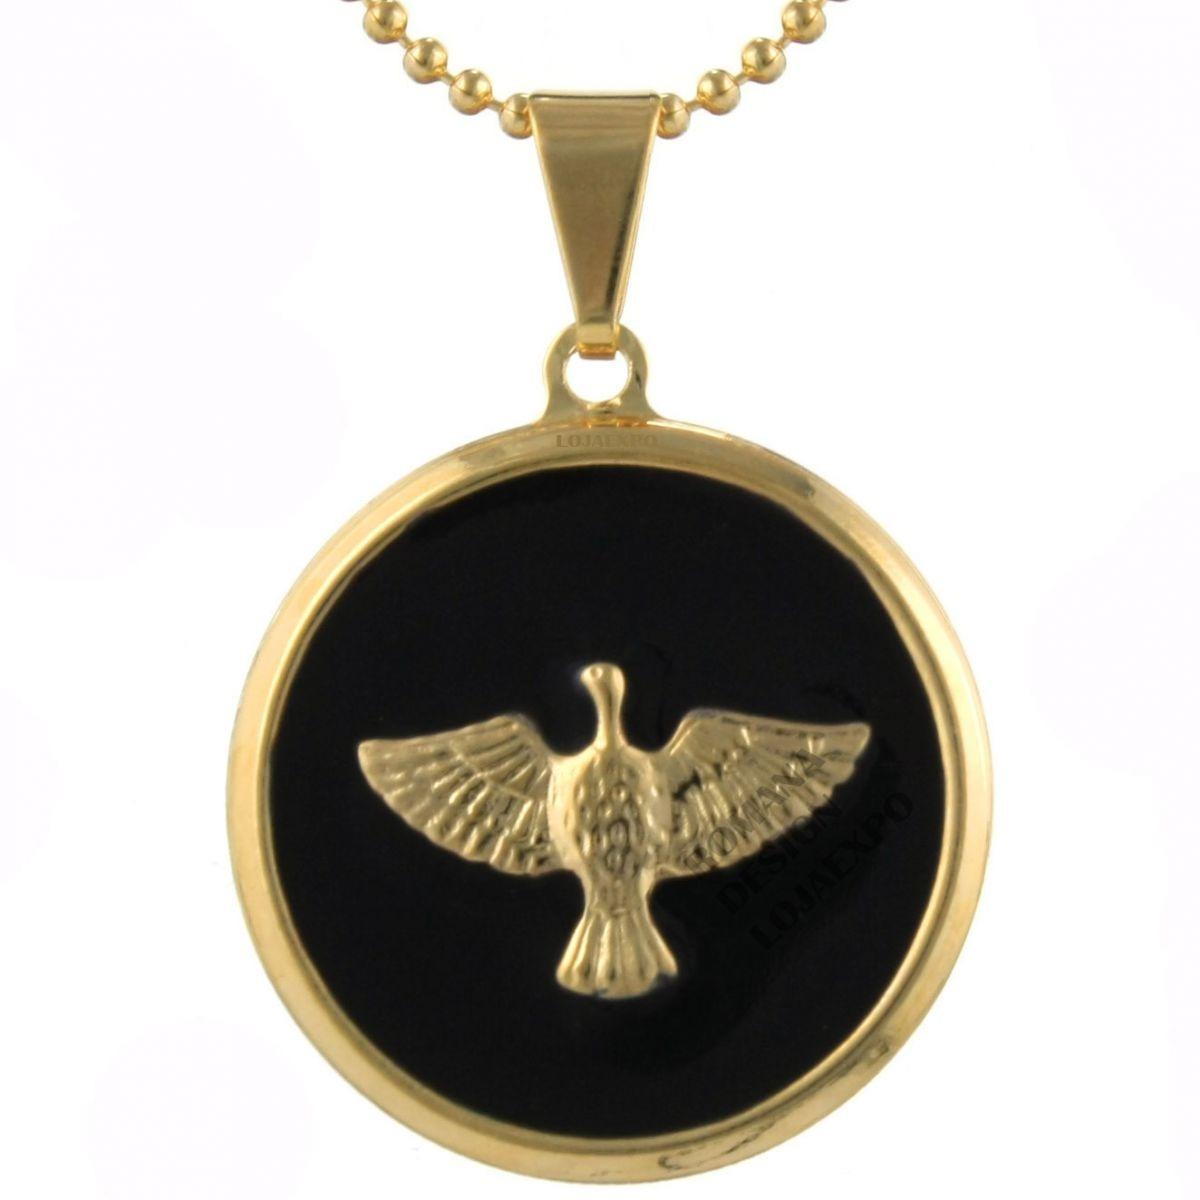 4218bd522a971 pingente medalha divino espírito santo folheado ouro redondo. Carregando  zoom.